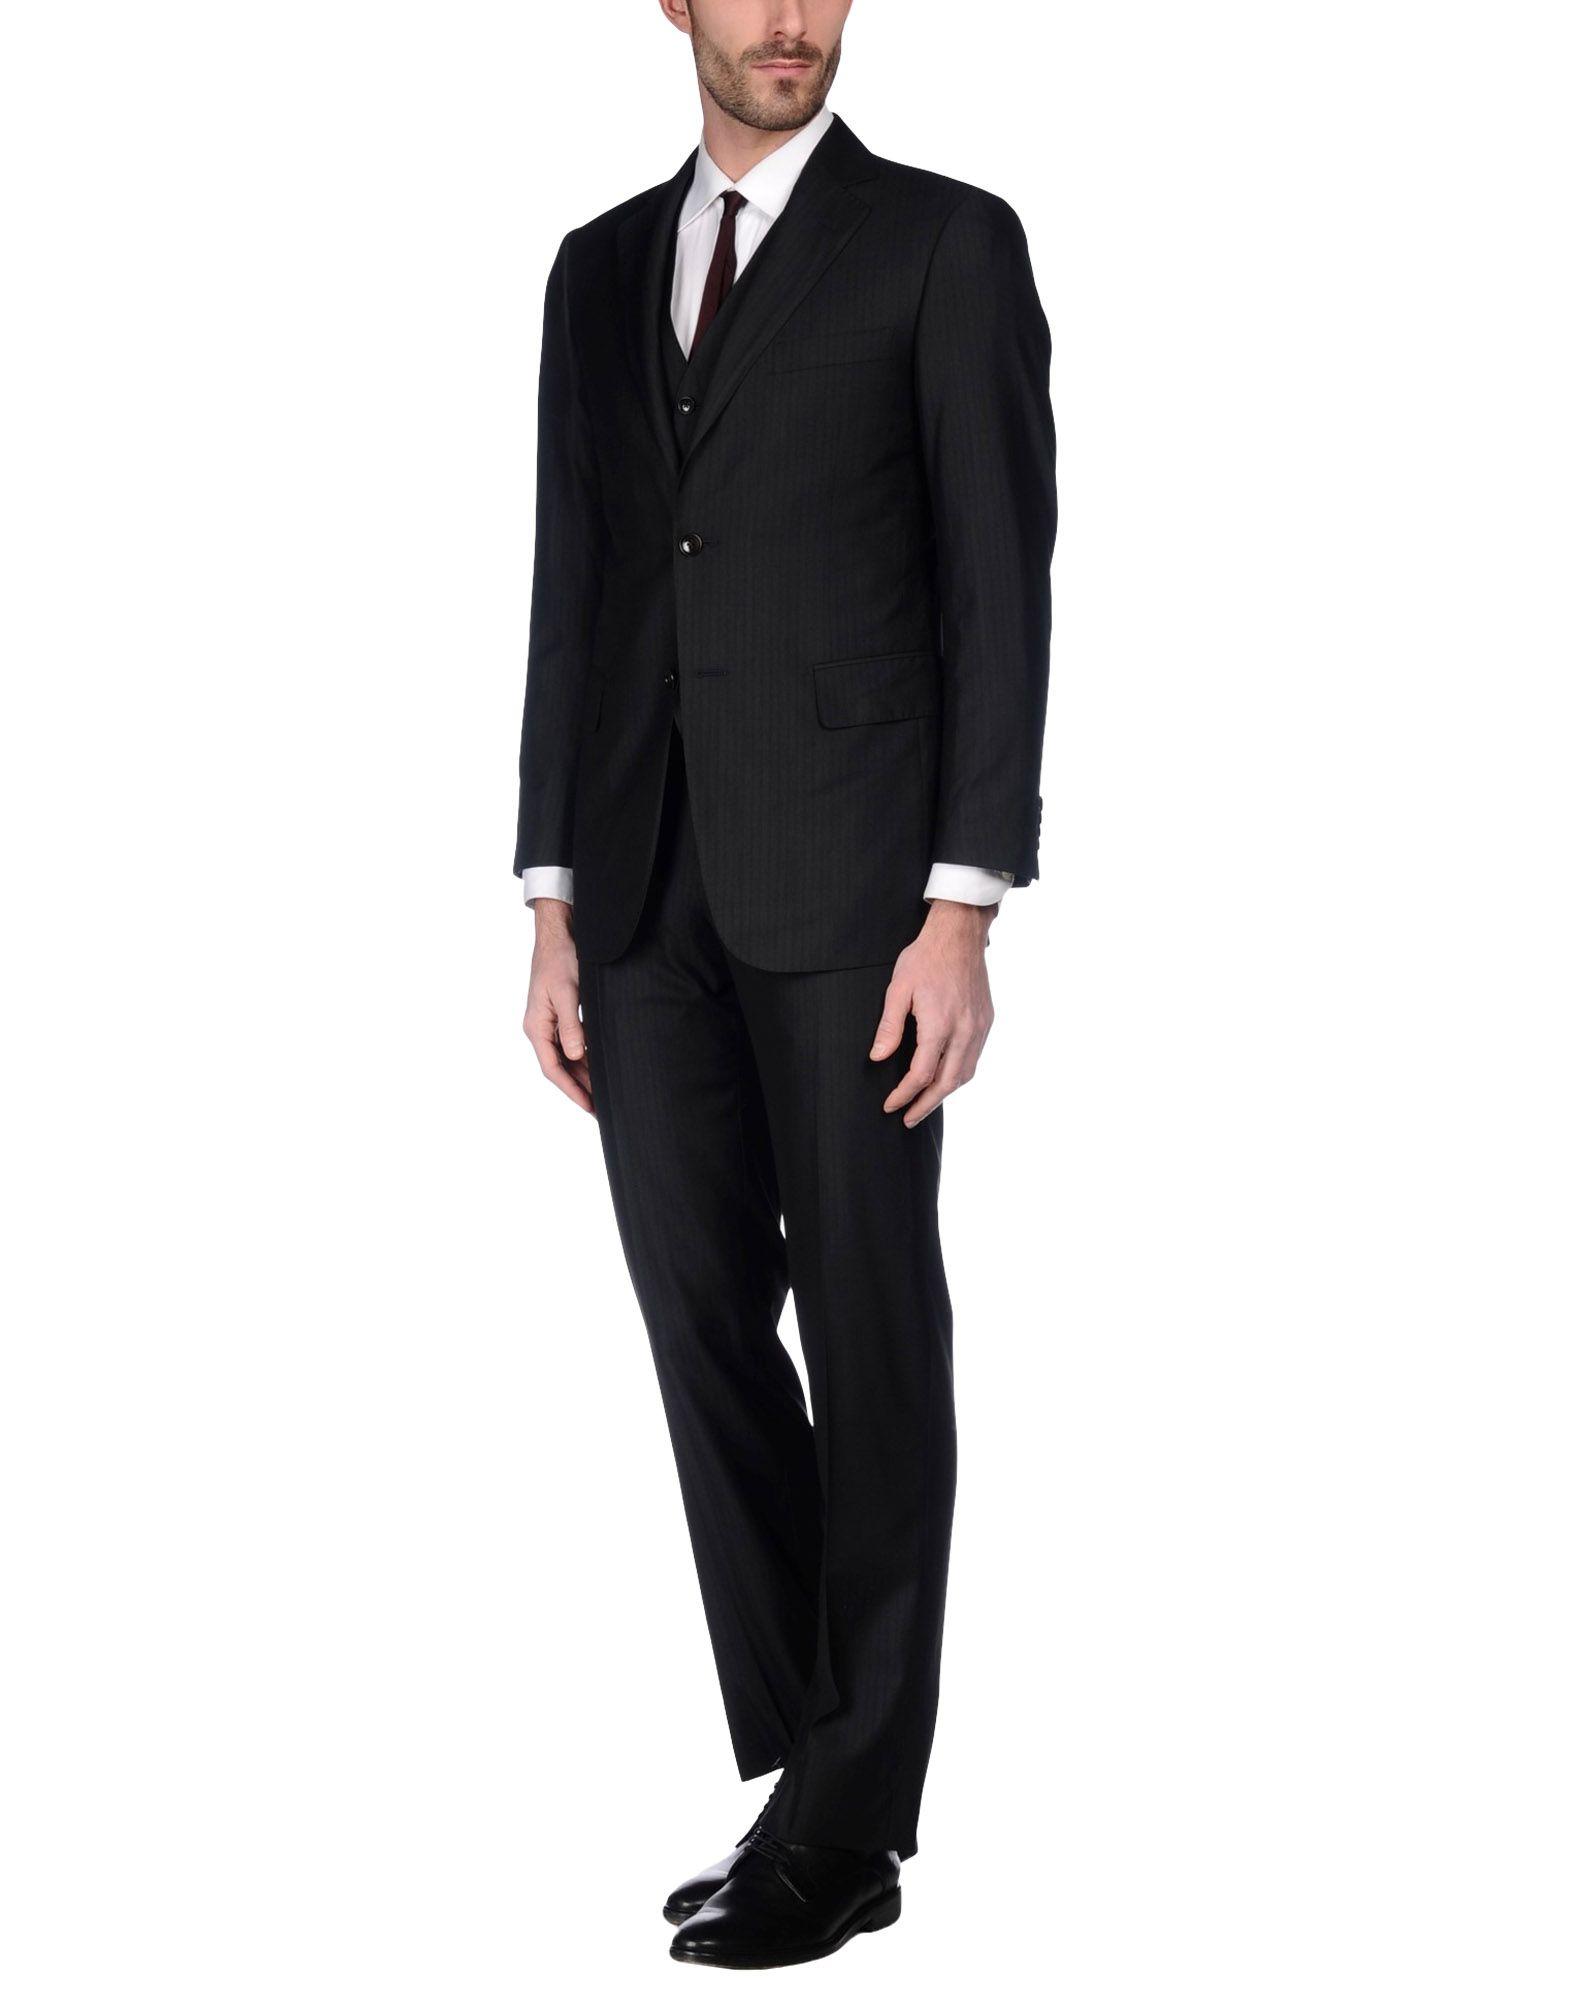 PAL ZILERI Herren Anzug Farbe Schwarz Größe 2